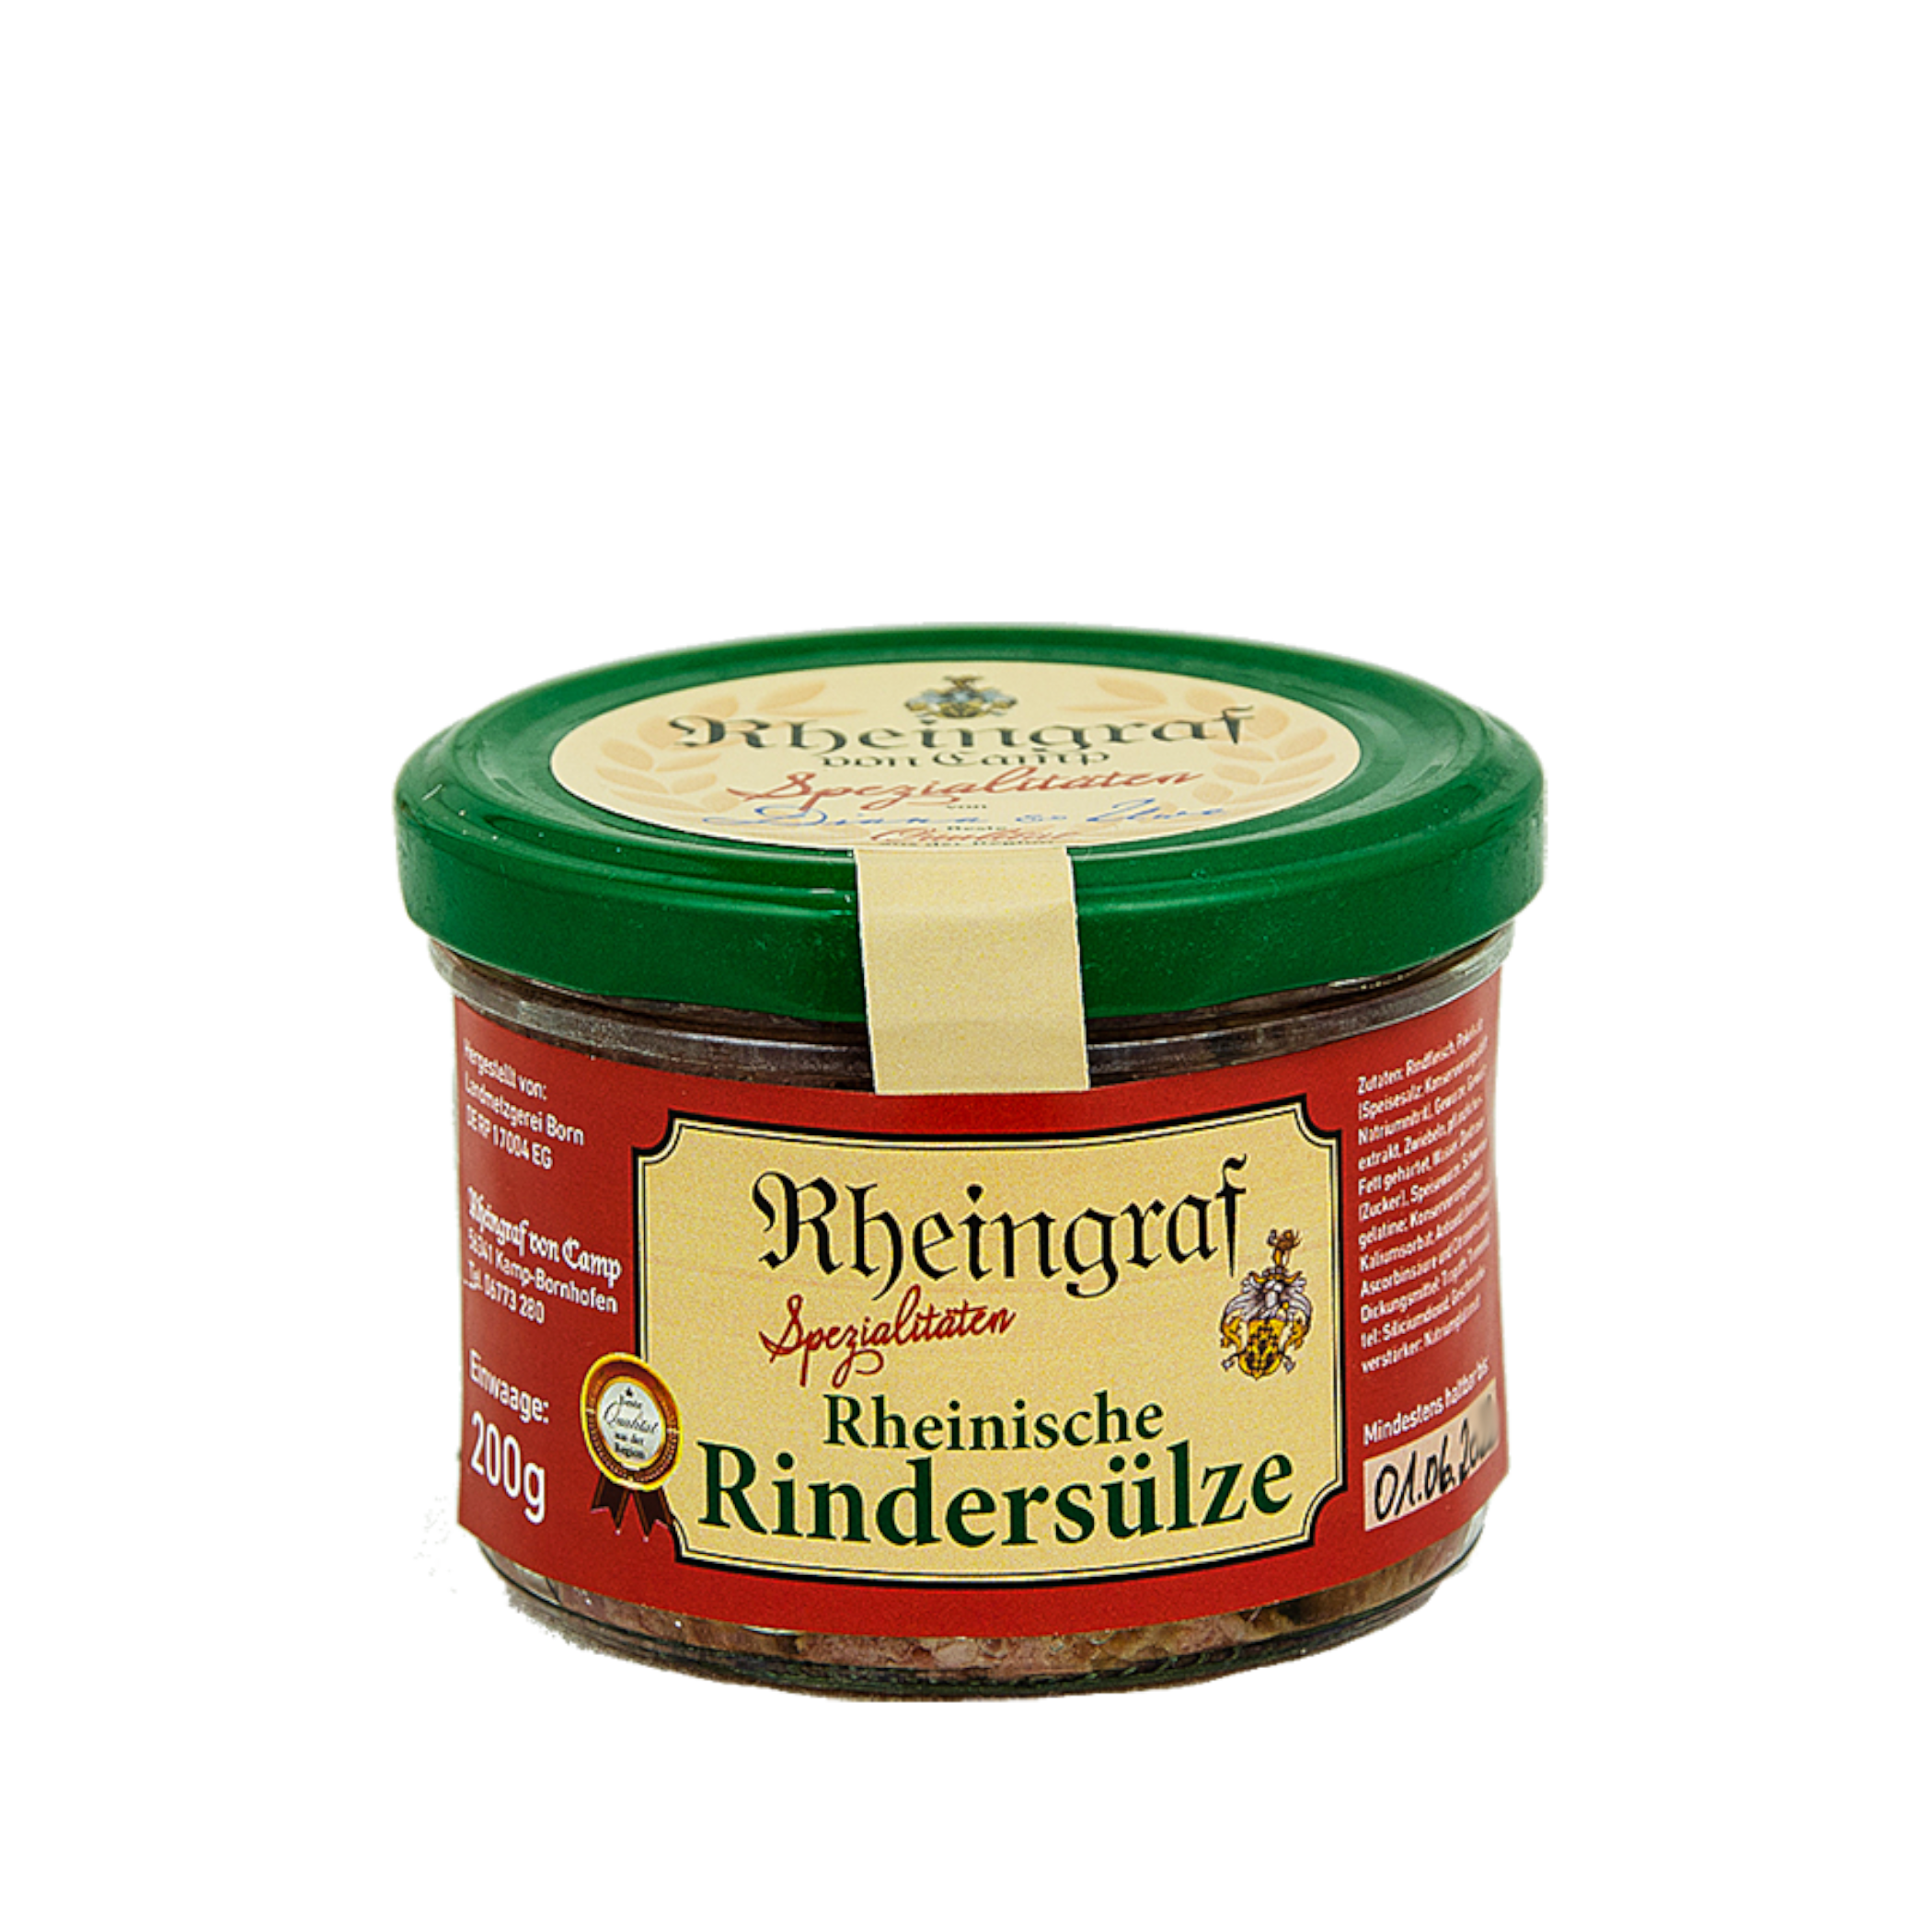 Rheinische Rindersülze im Glas